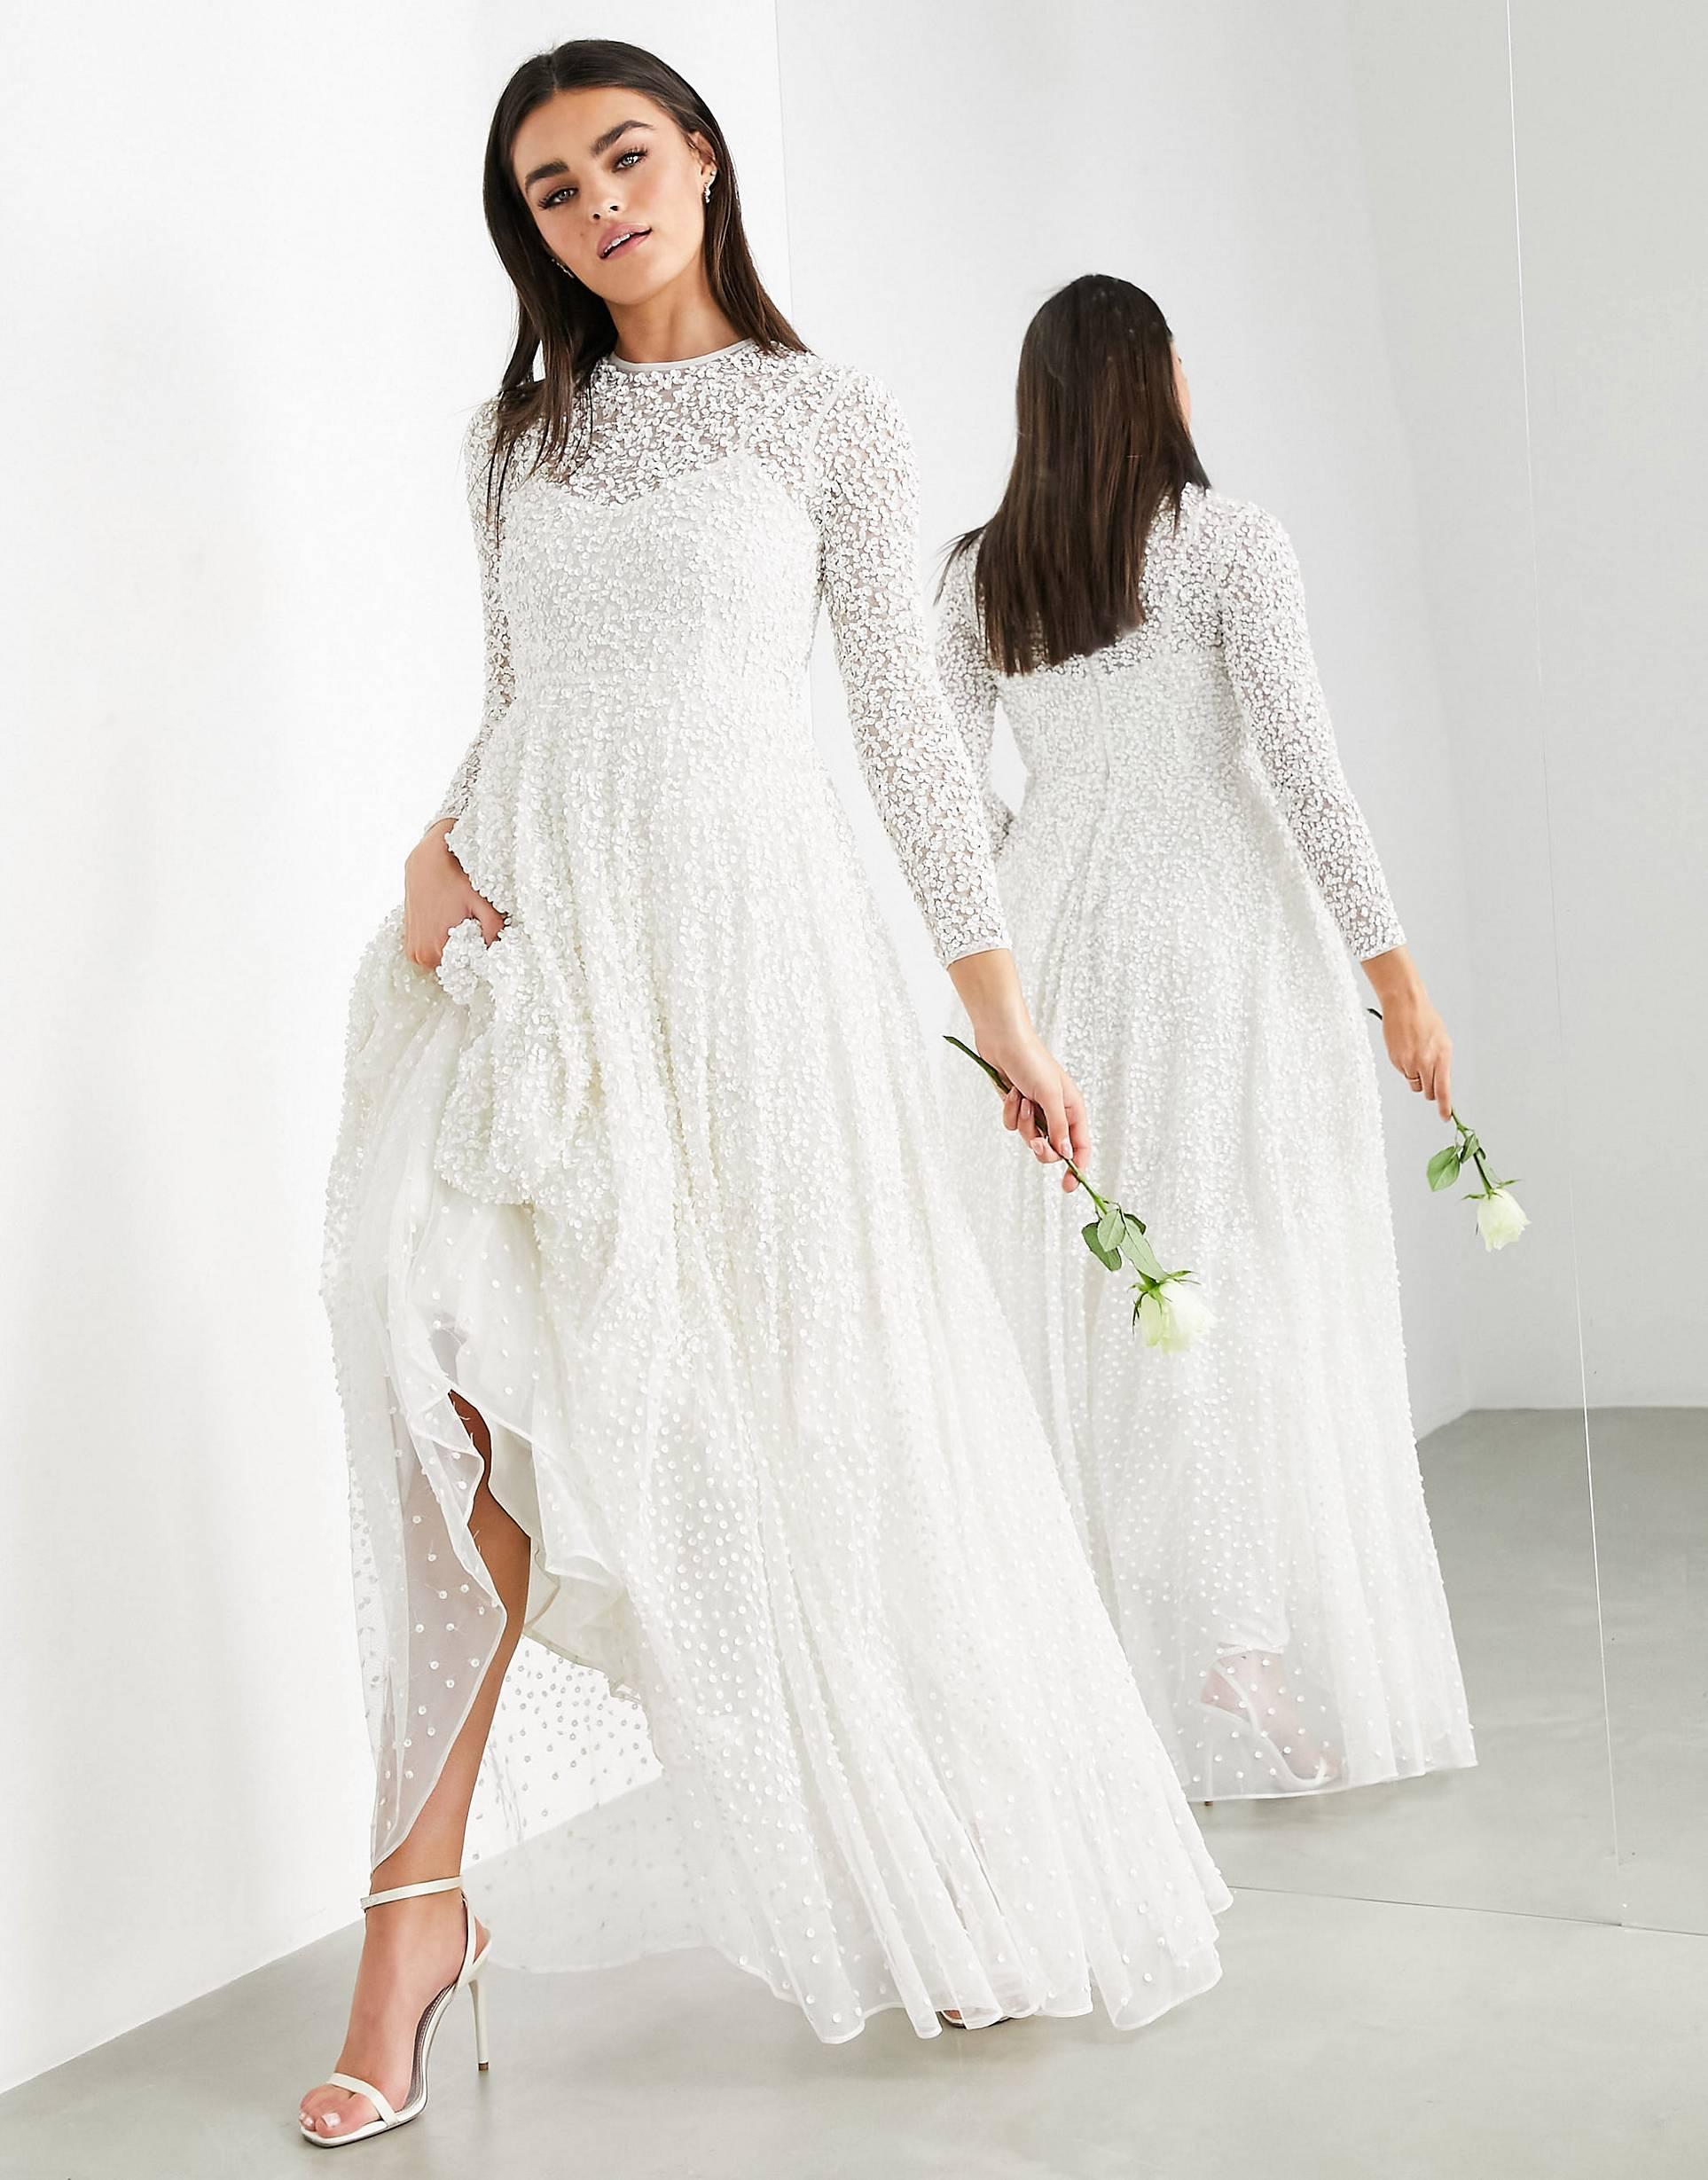 Vestido de boda con falda amplia y diseño adornado.